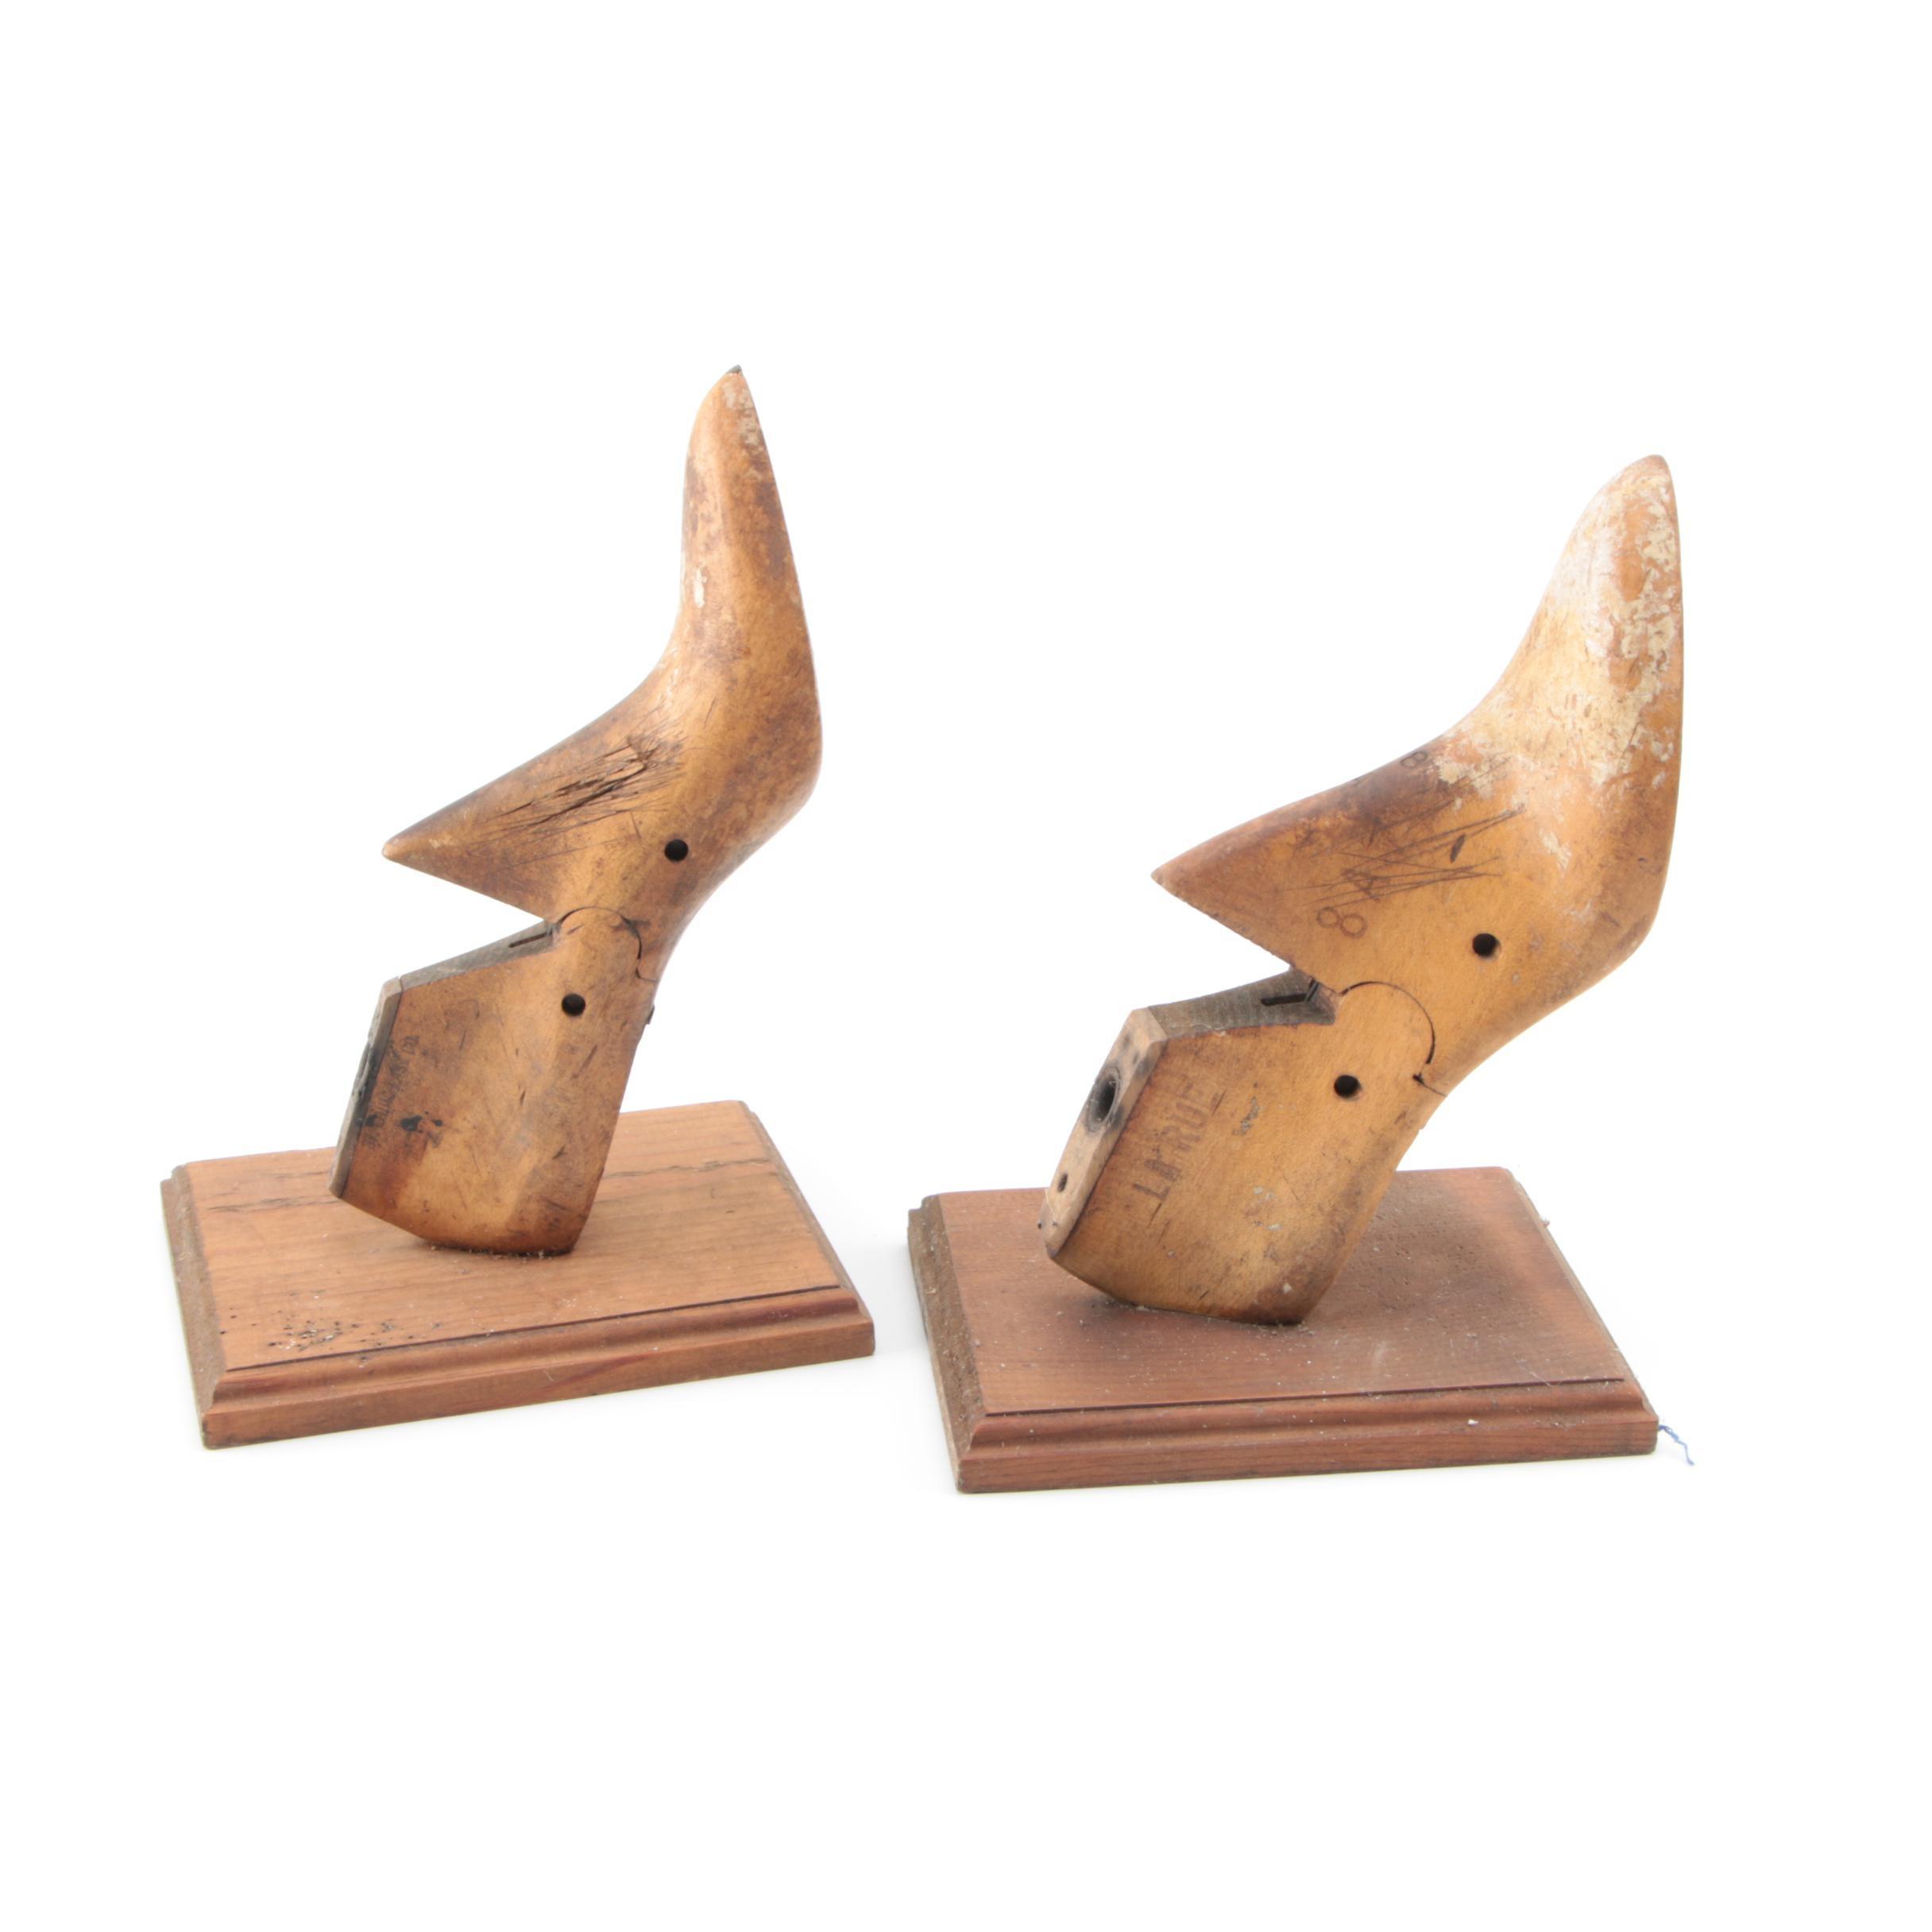 Vintage Wooden Shoe Form Bookends